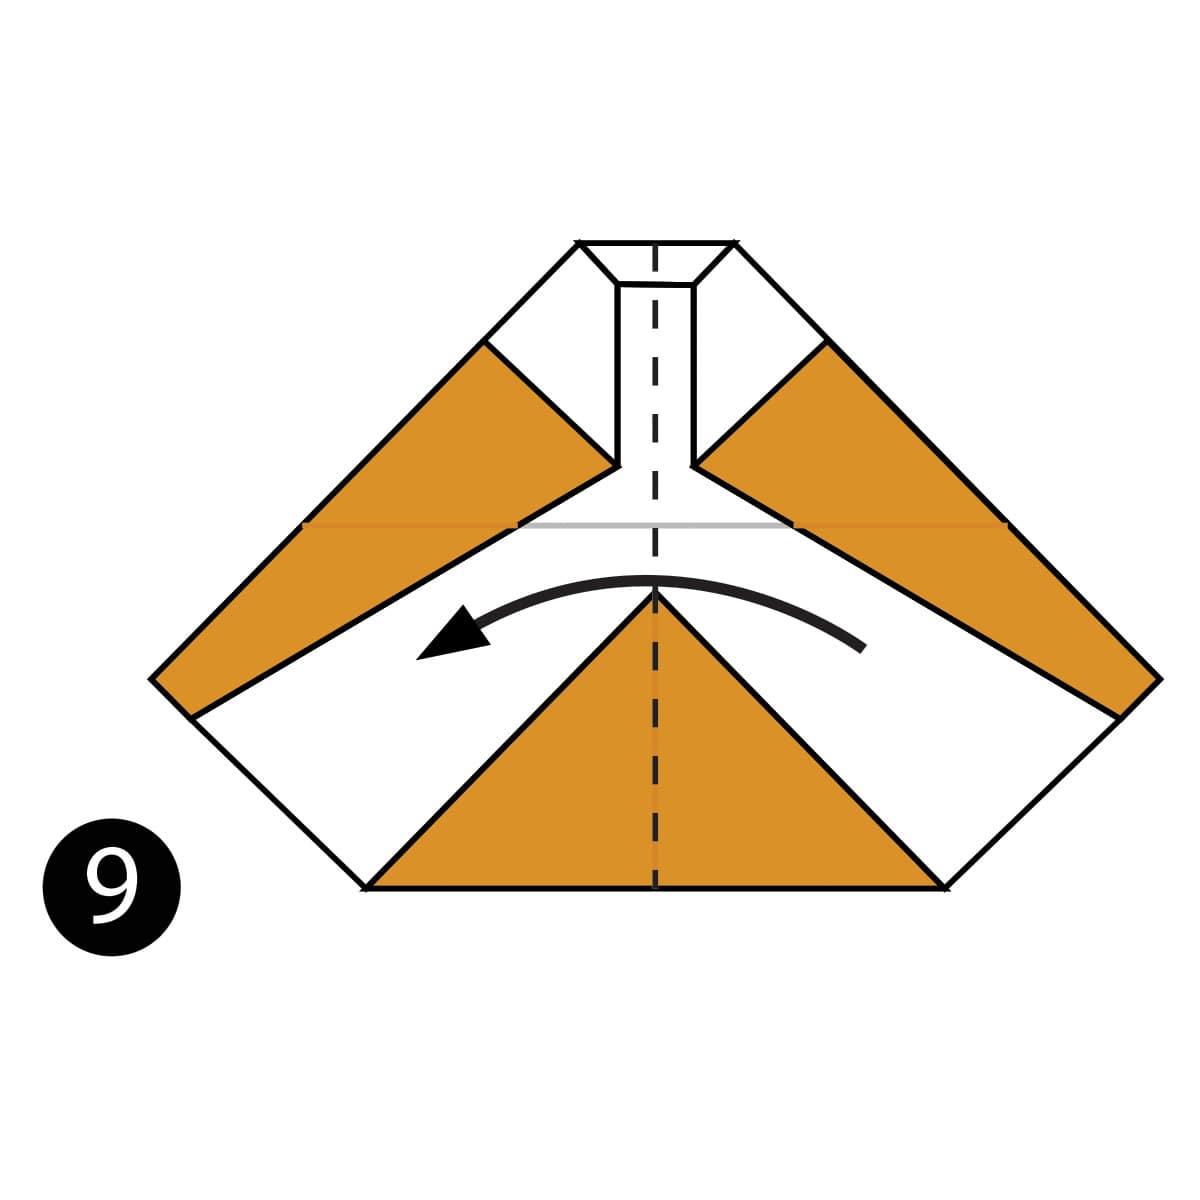 Gorilla Step 9